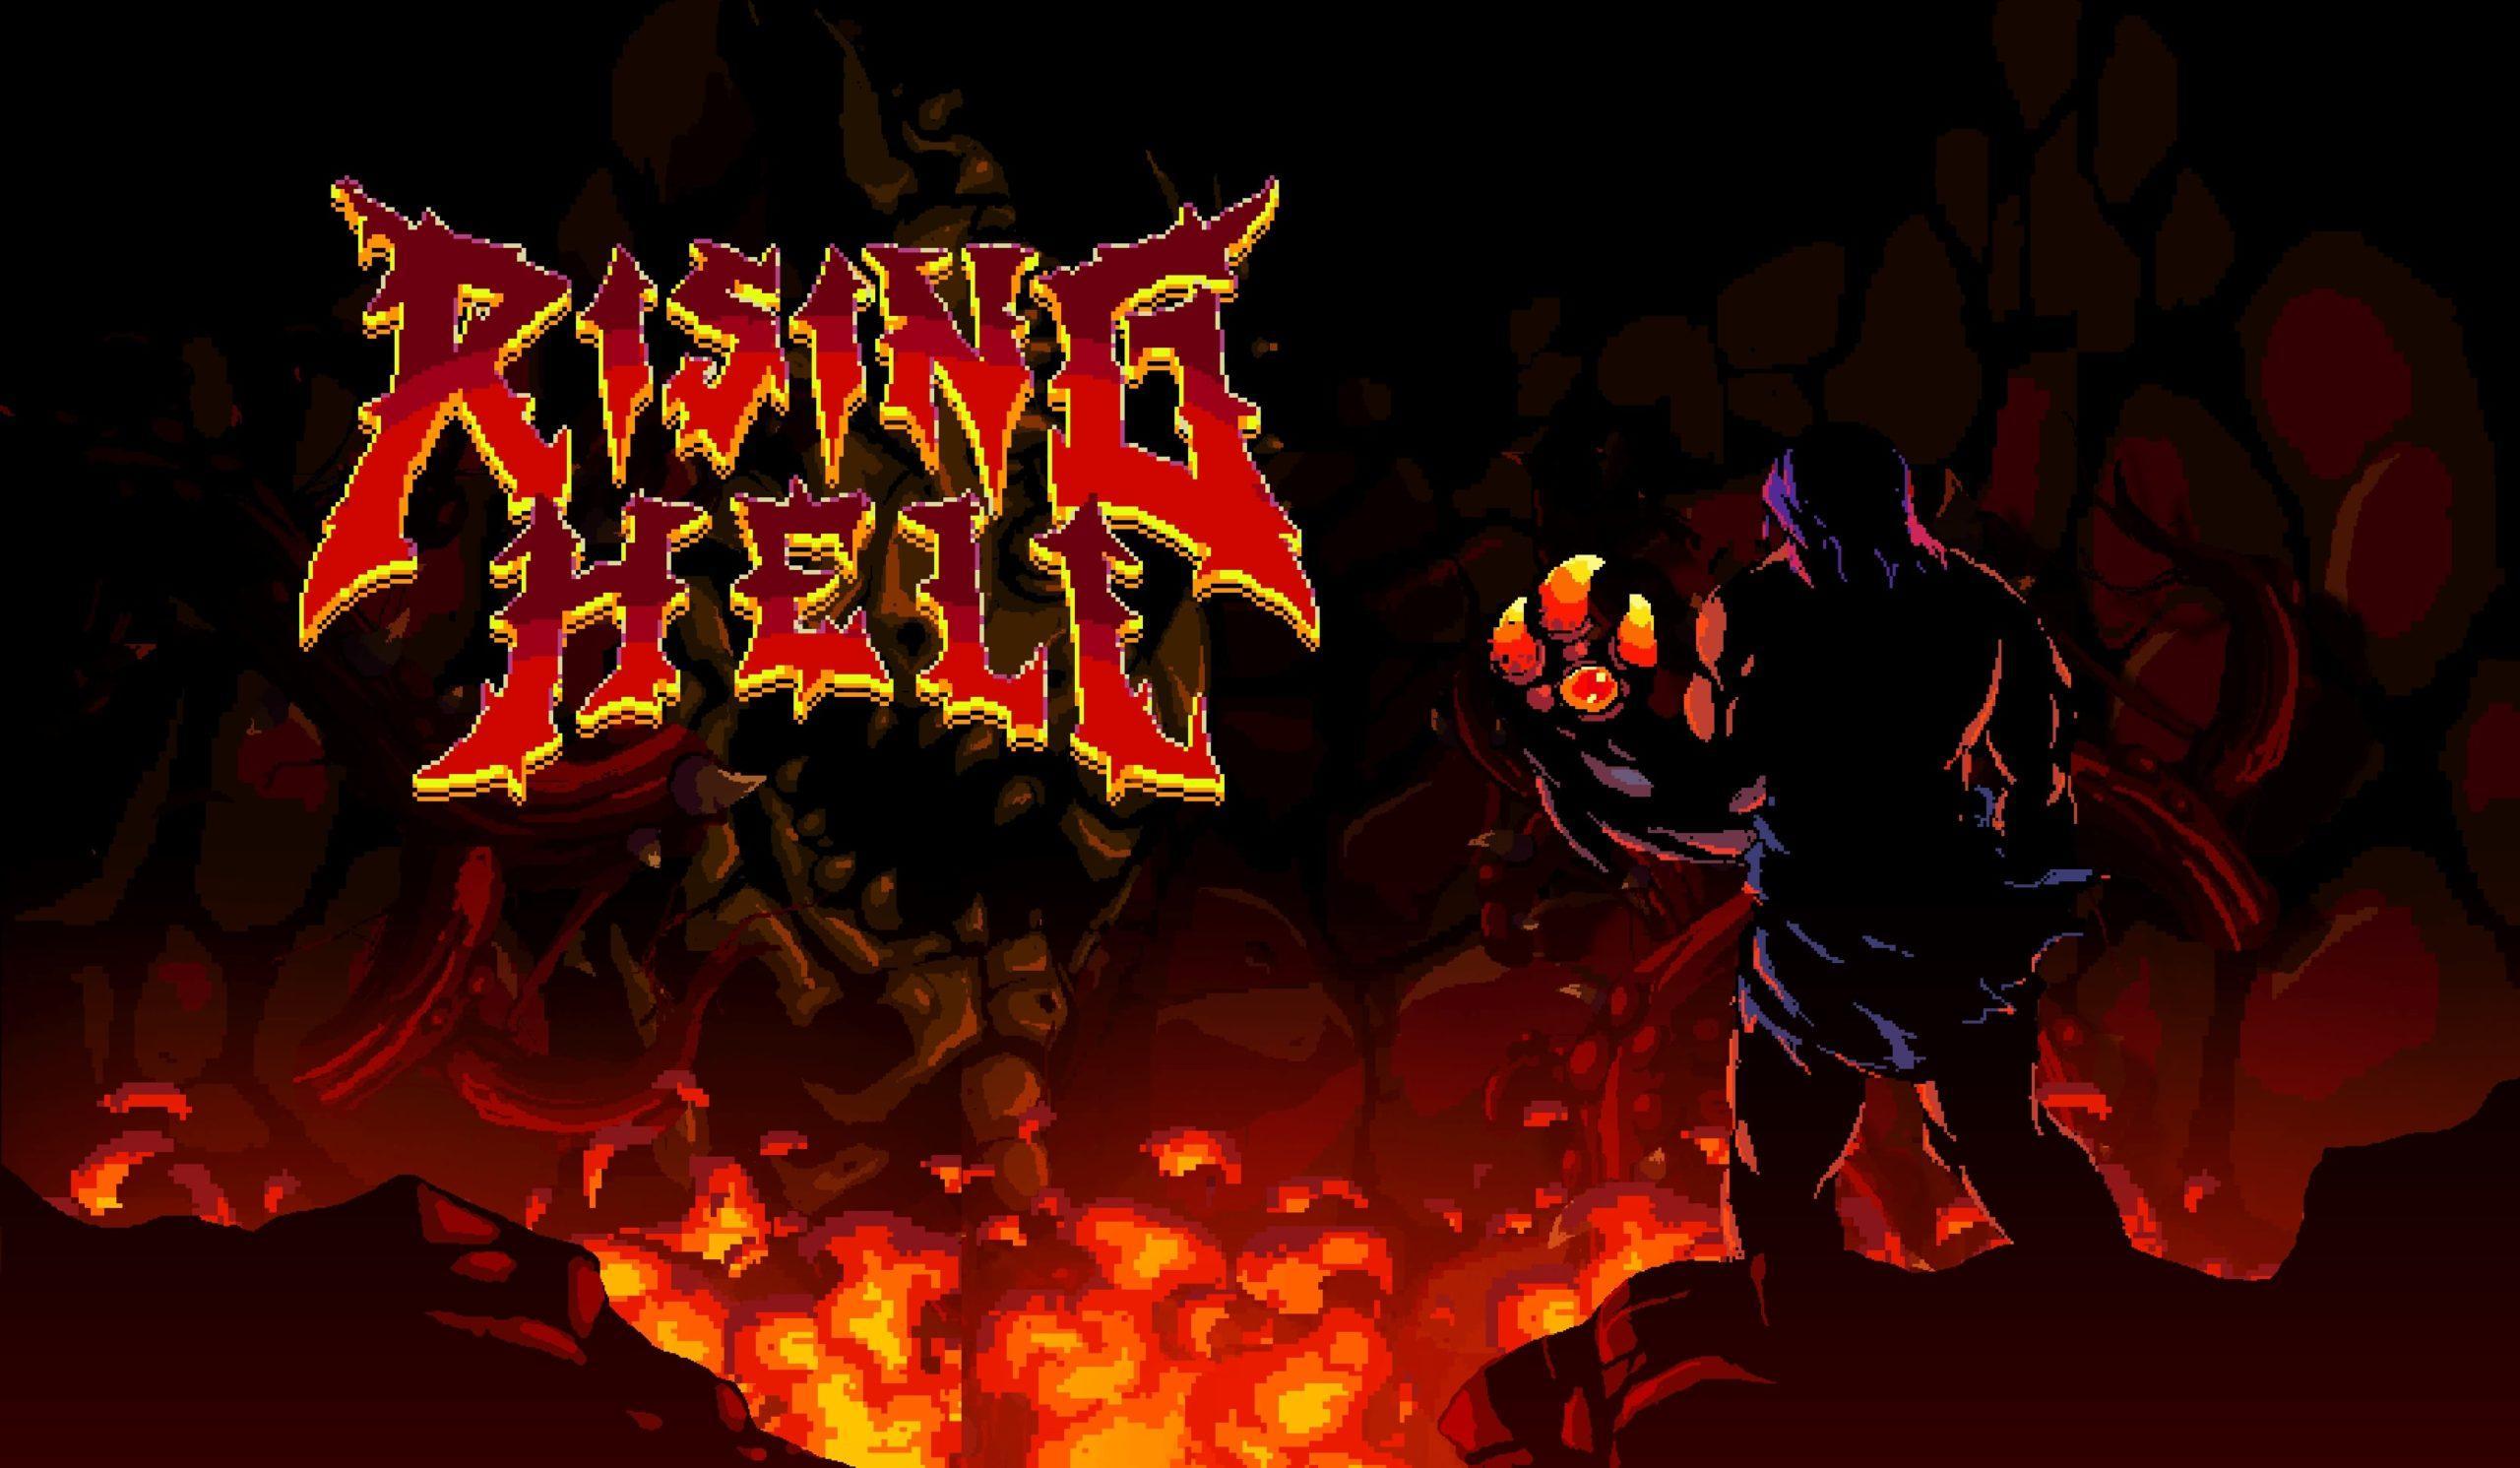 Побег из Ада начнётся в мае - стала известна дата релиза платформера Rising Hell на Nintendo Switch 2